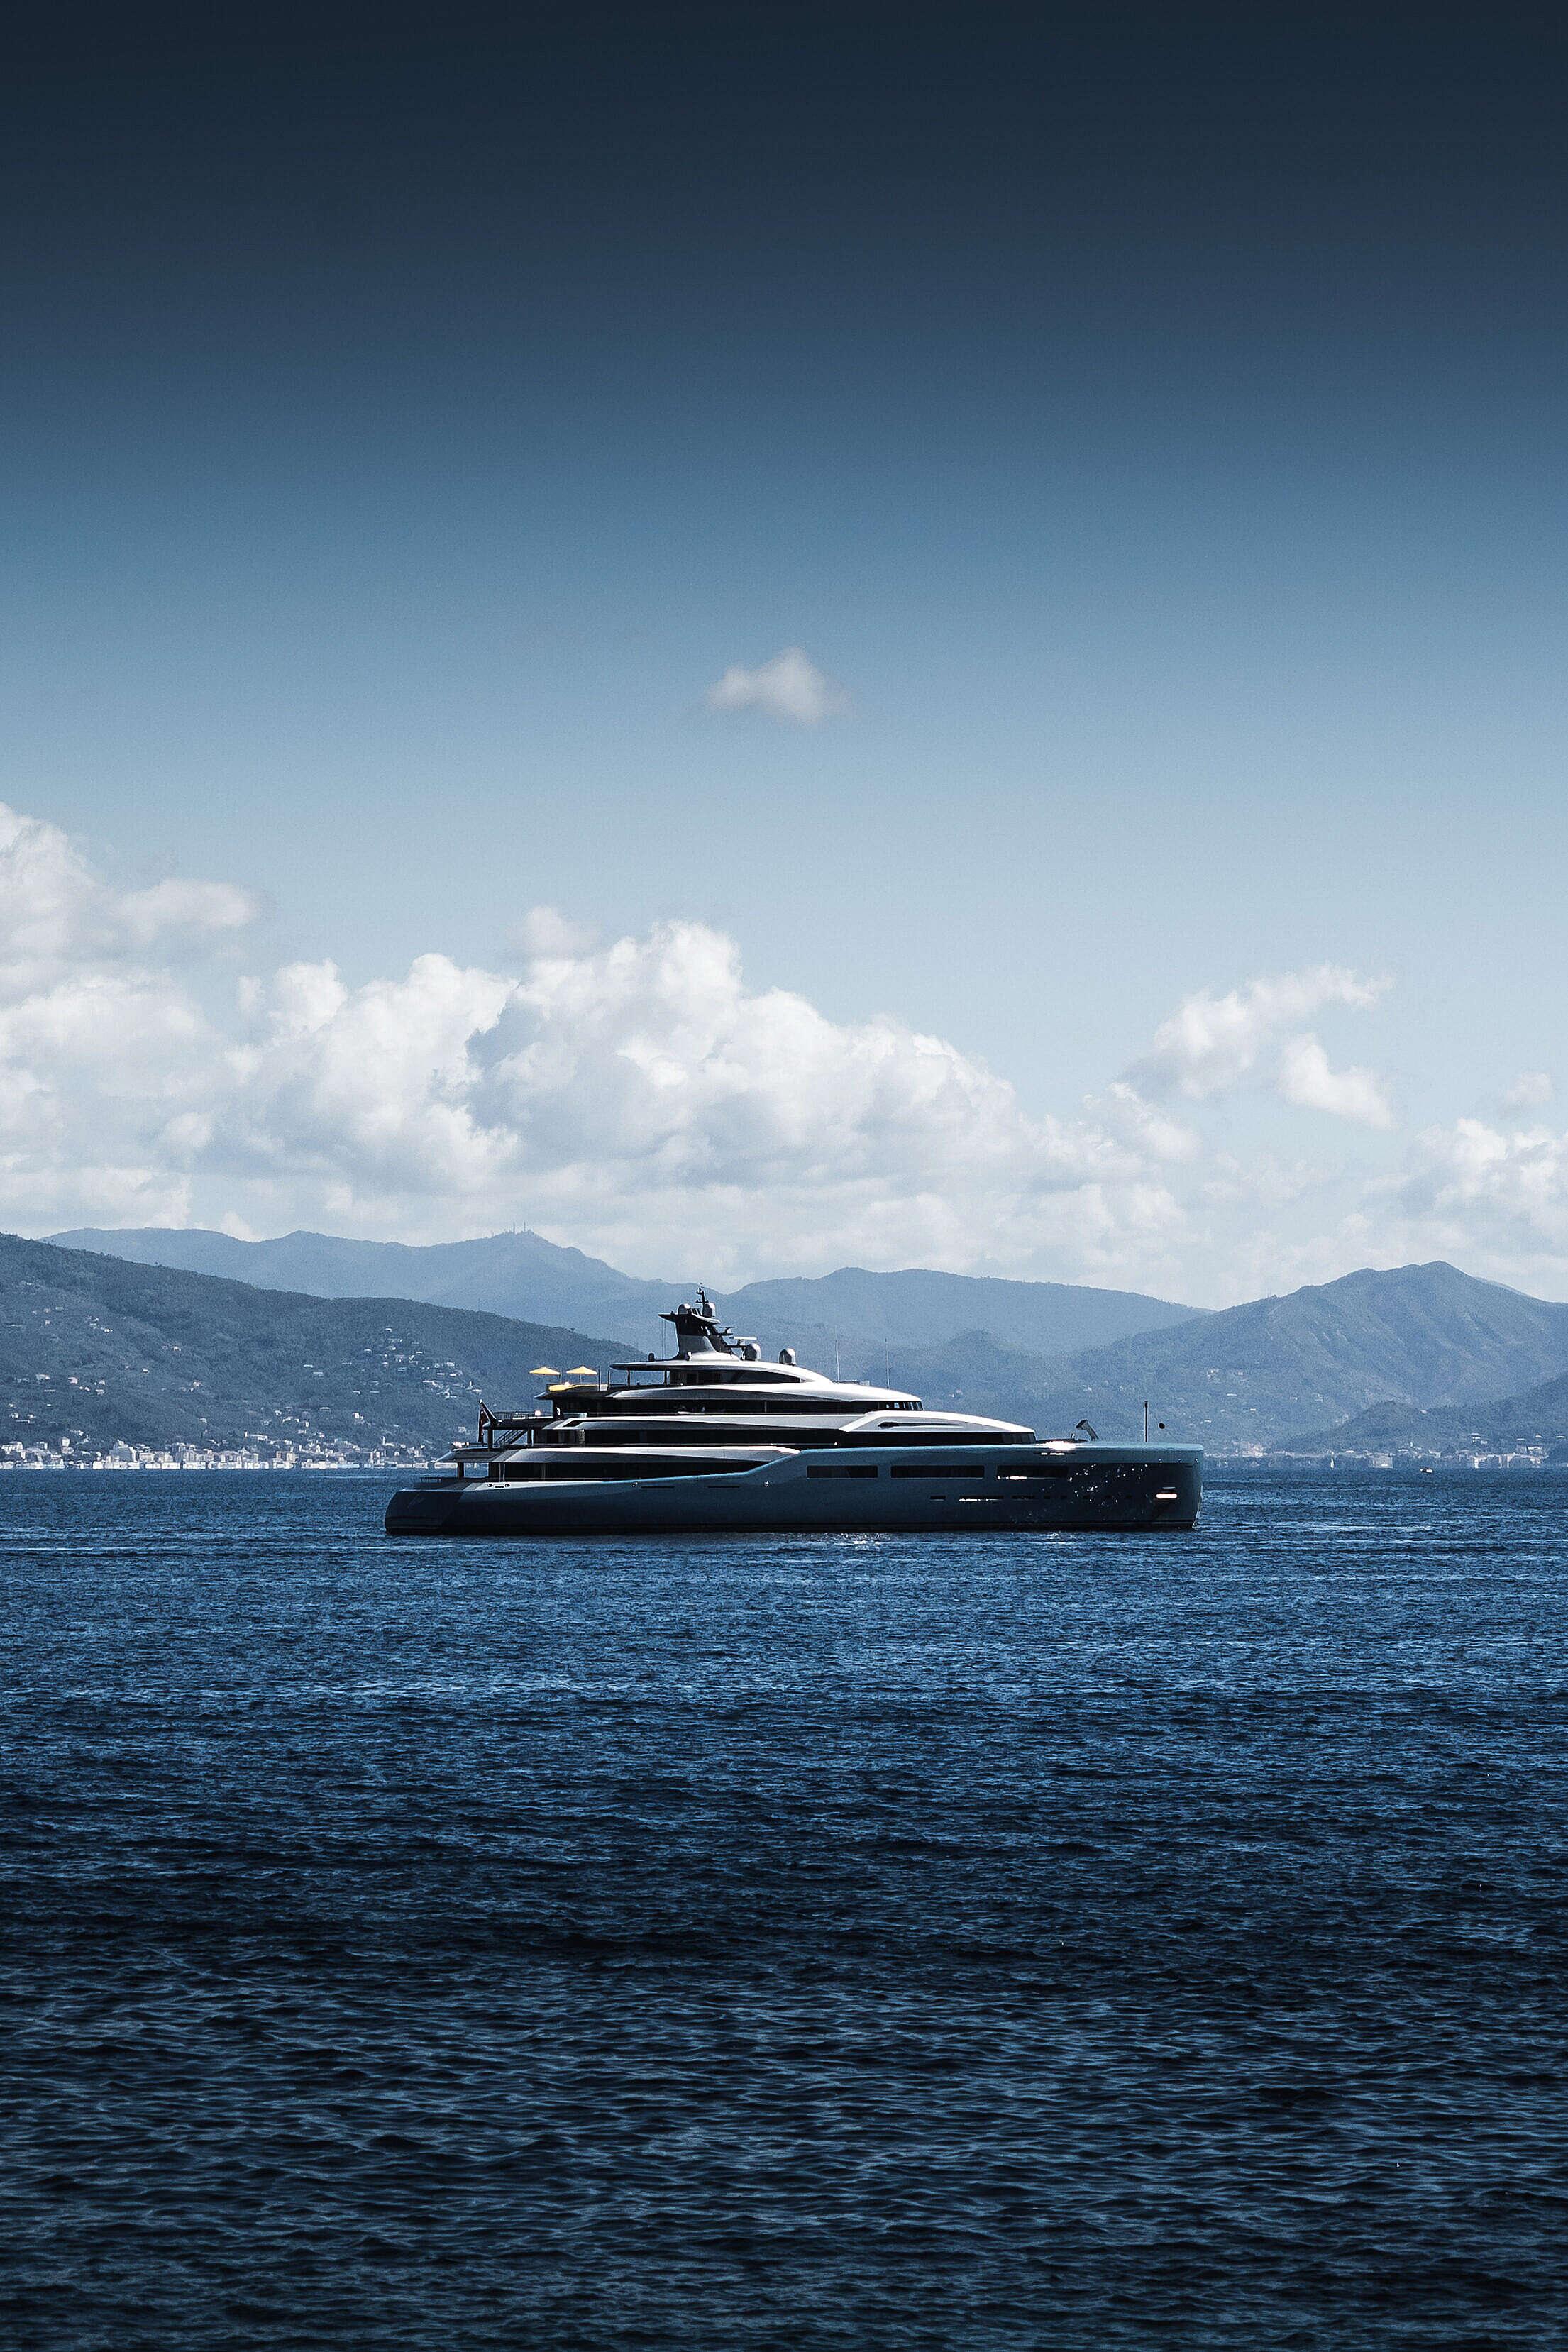 Modern Luxury Yacht Aviva Sailing around Portofino Free Stock Photo